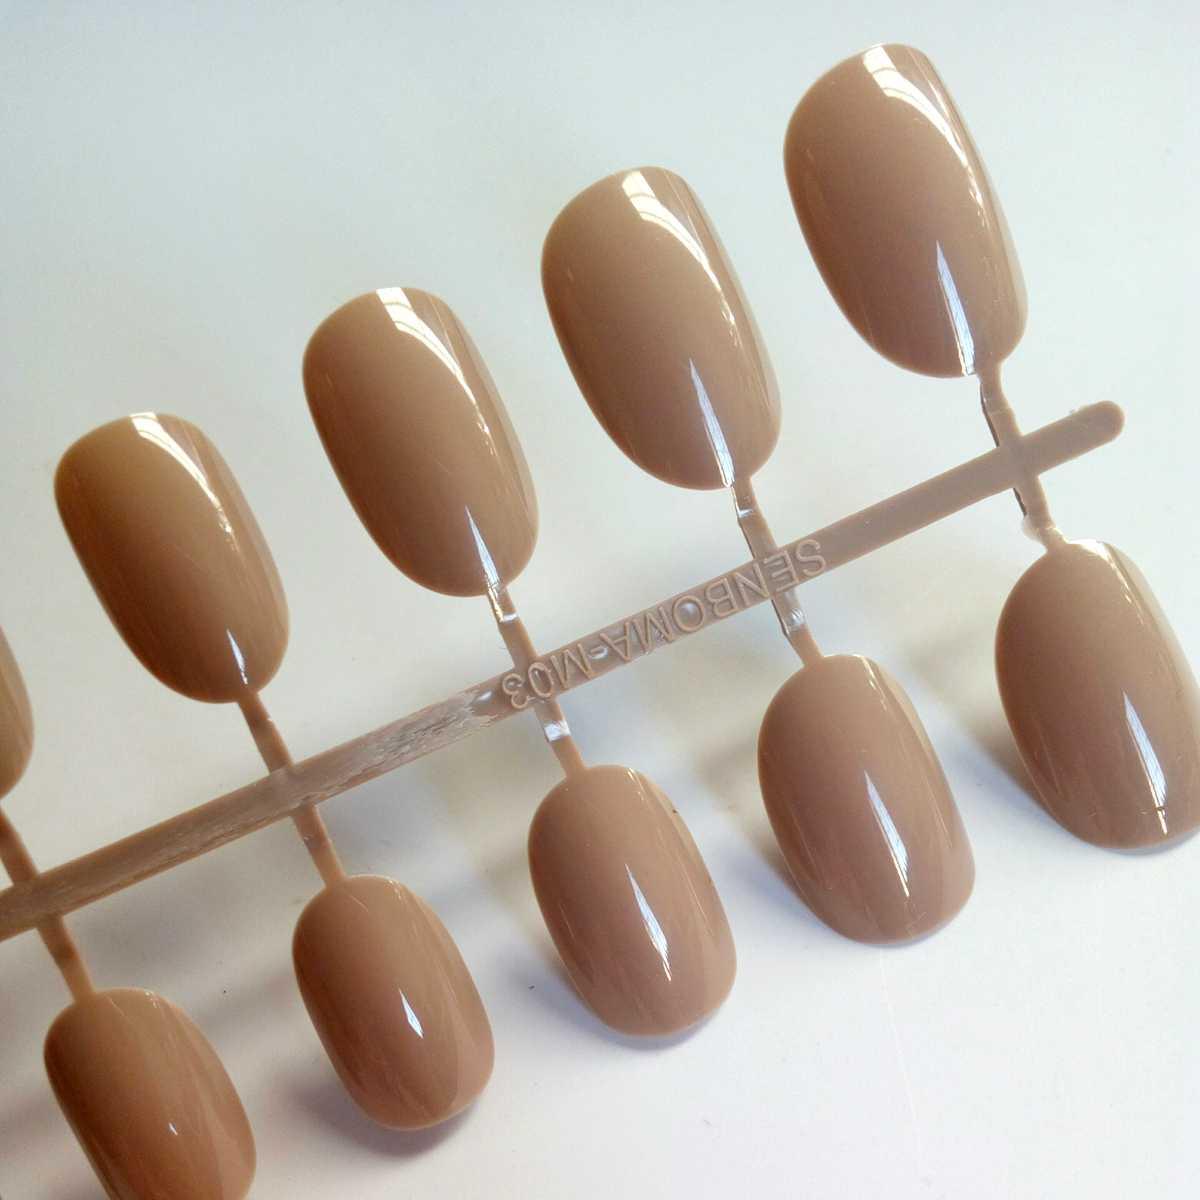 24 sztuk cukierki brązowe sztuczne paznokcie owalne fałszywe do paznokci tipsów do Manicure akrylowe Lady paznokcie w dłoniach Art Press na paznokcie 364Q